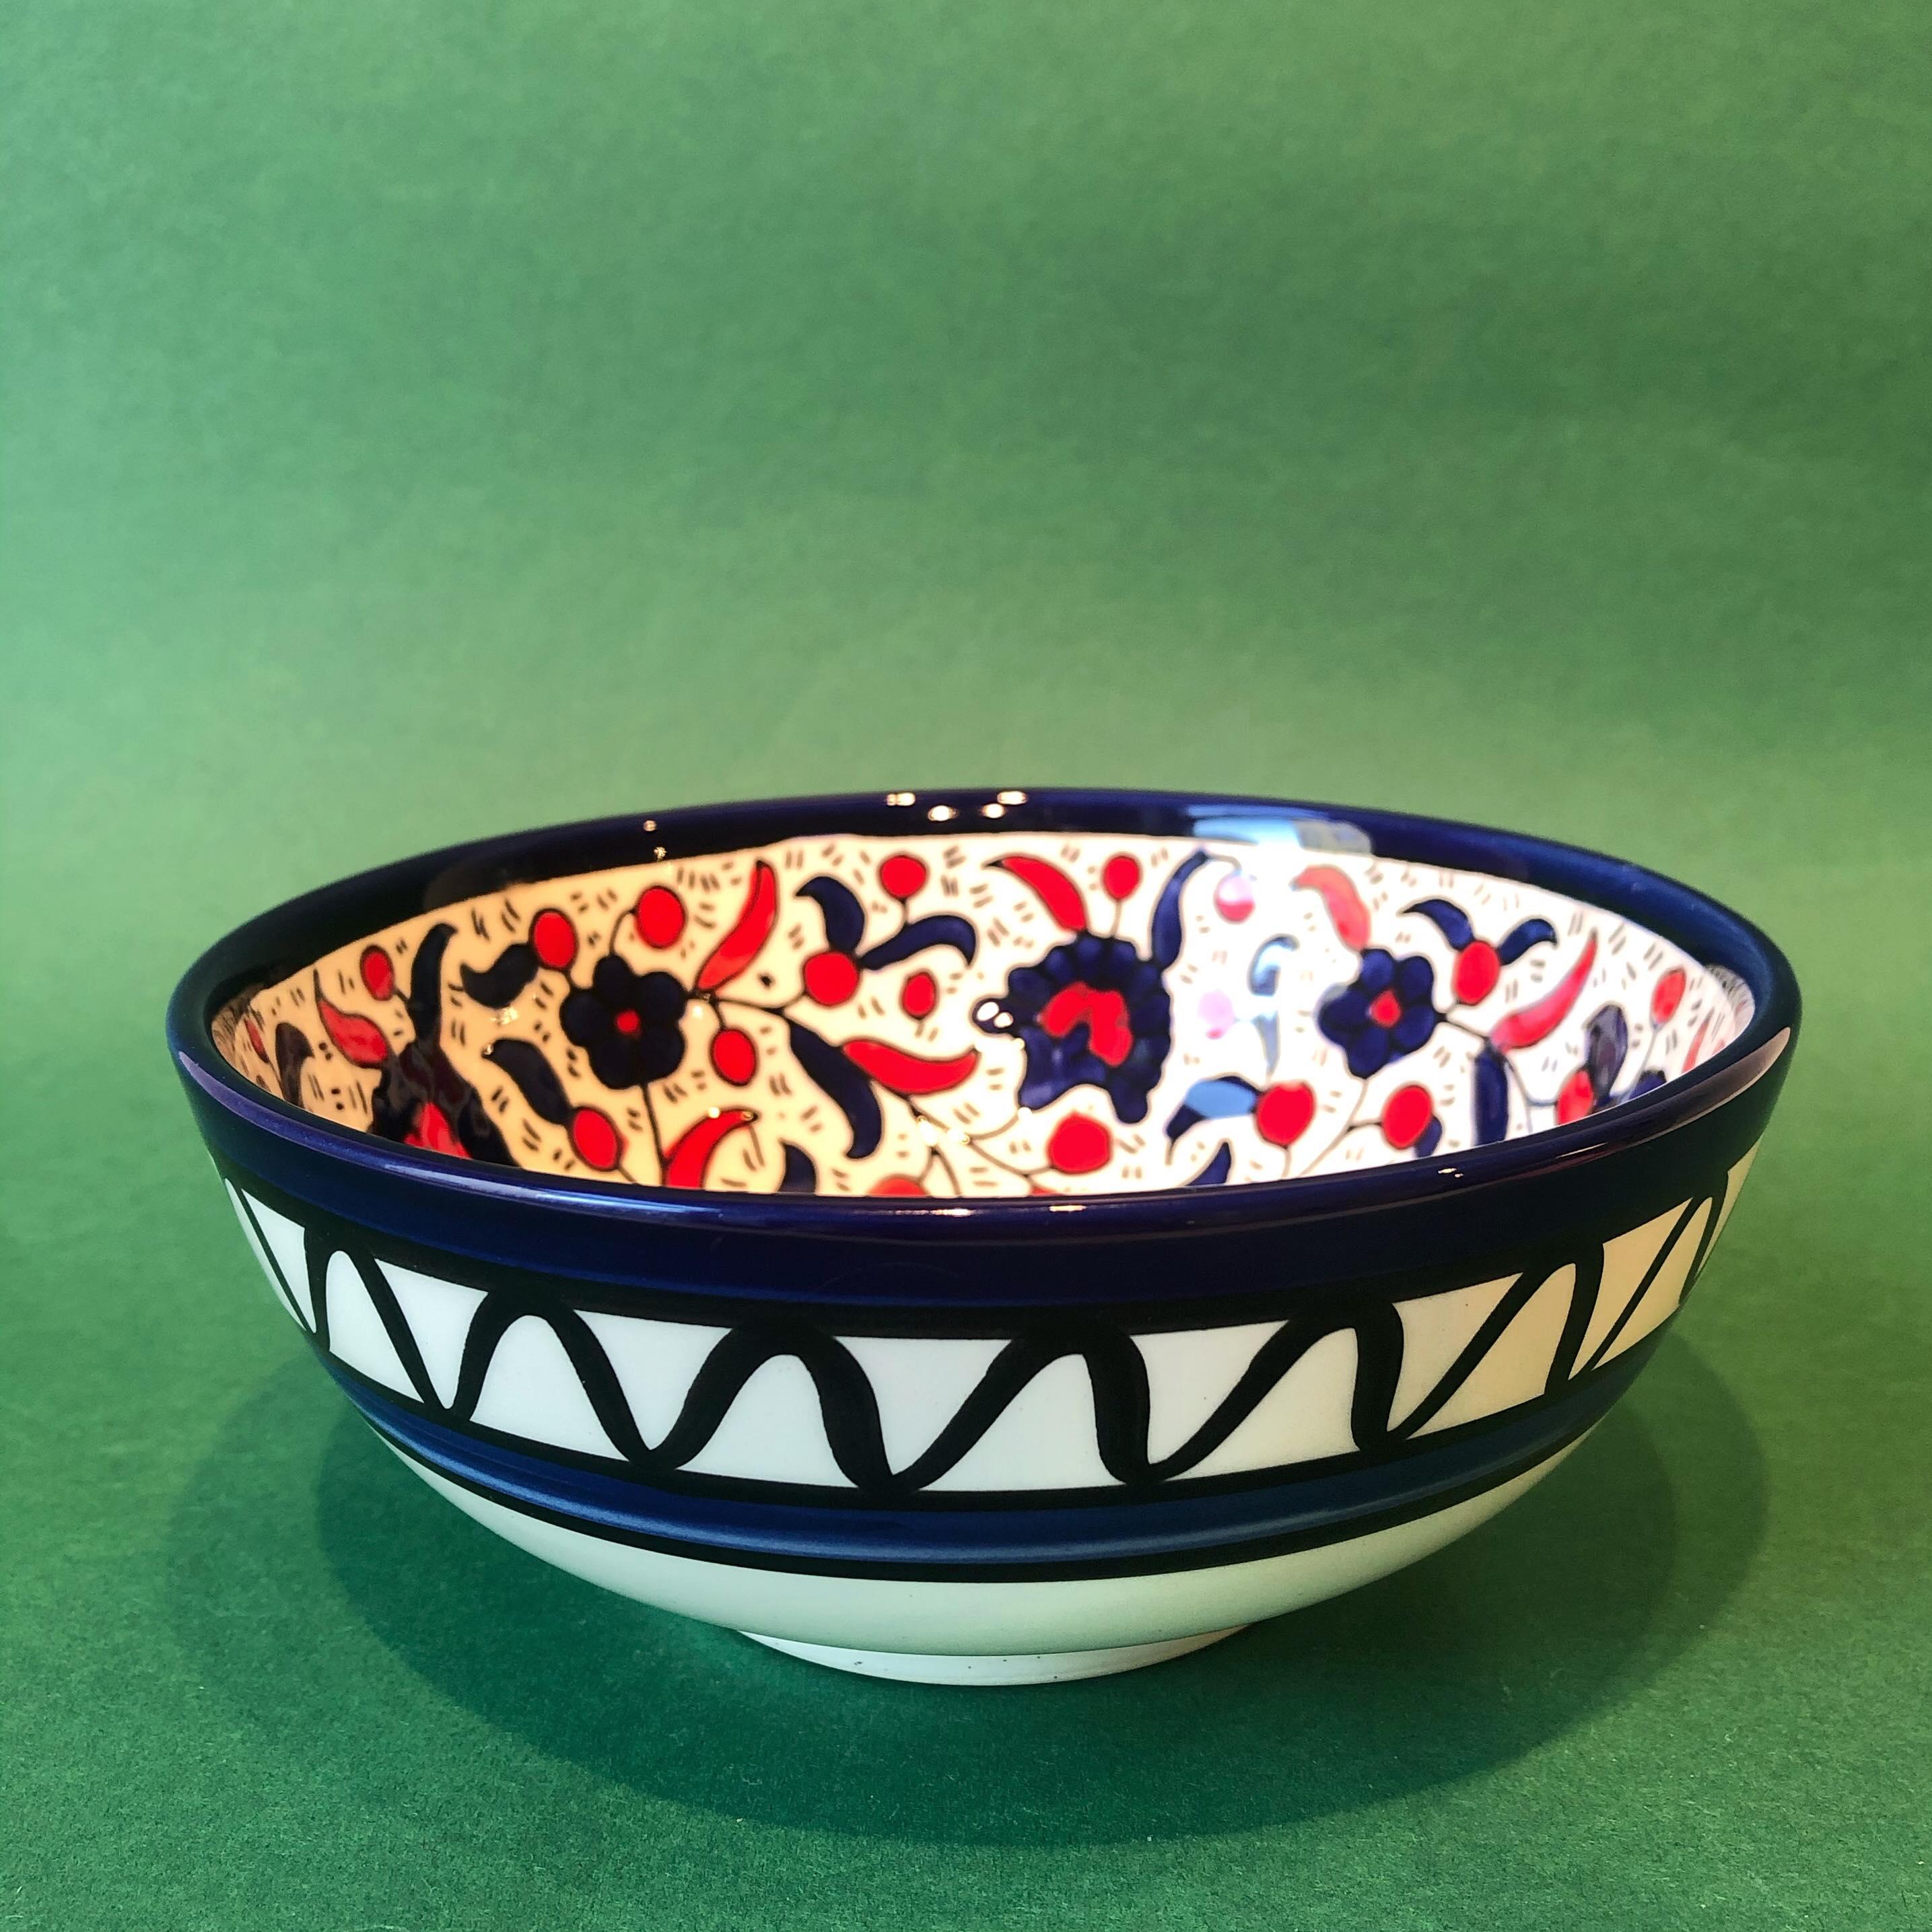 Mellomstor keramikkskål, blå og rød